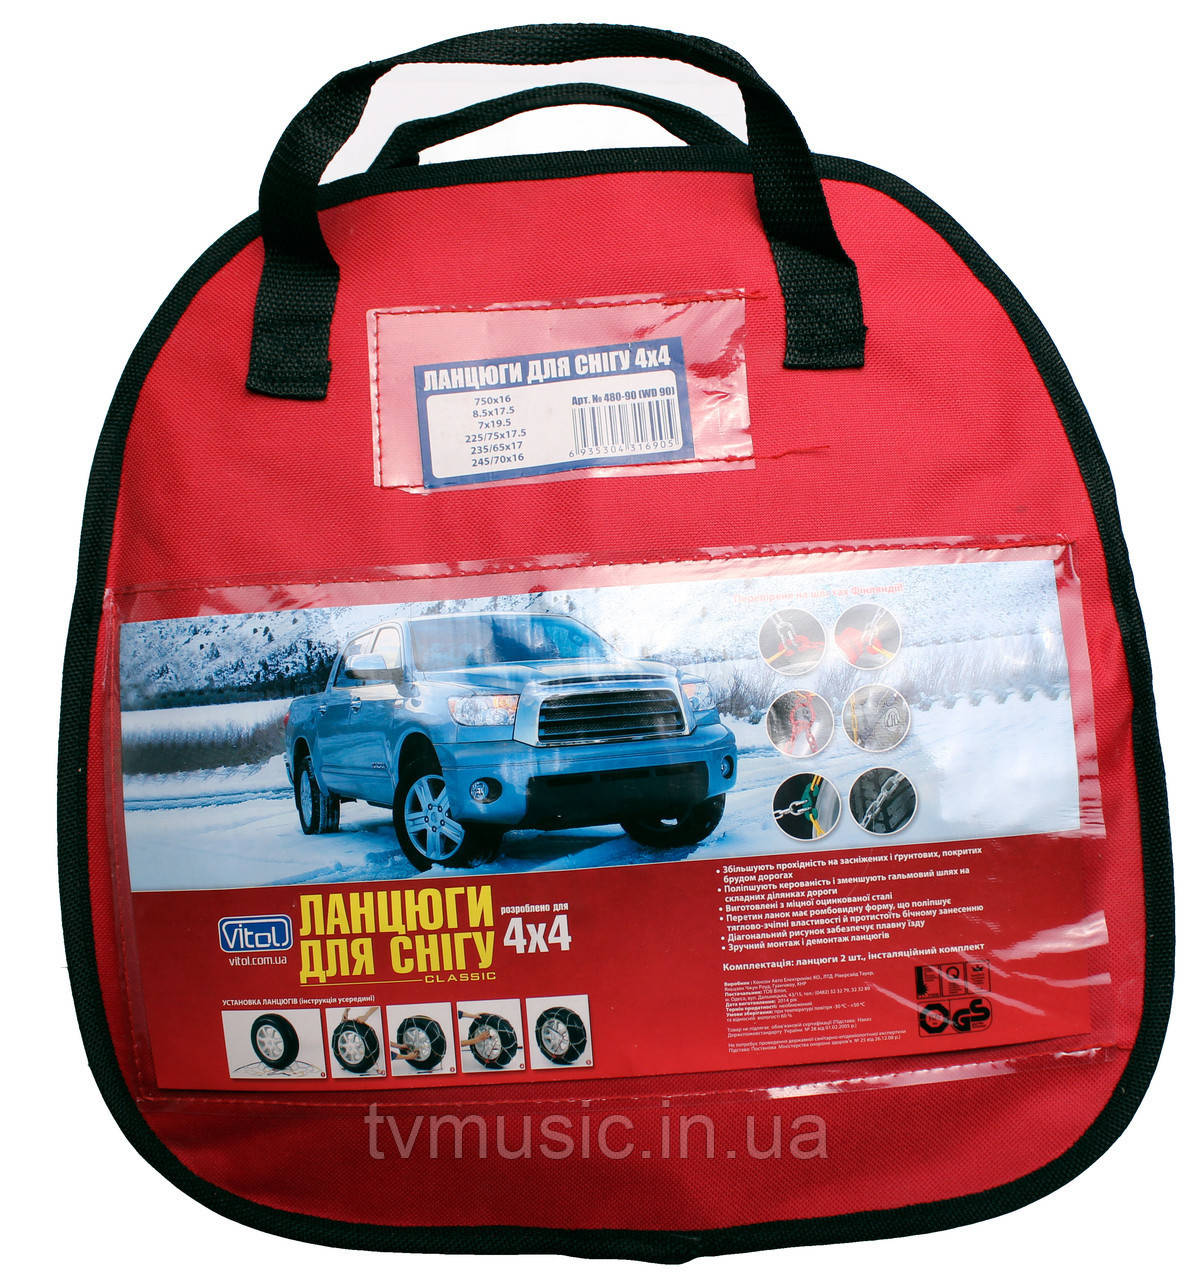 Цепи на колеса Vitol 4WD КВ450 (16 мм)